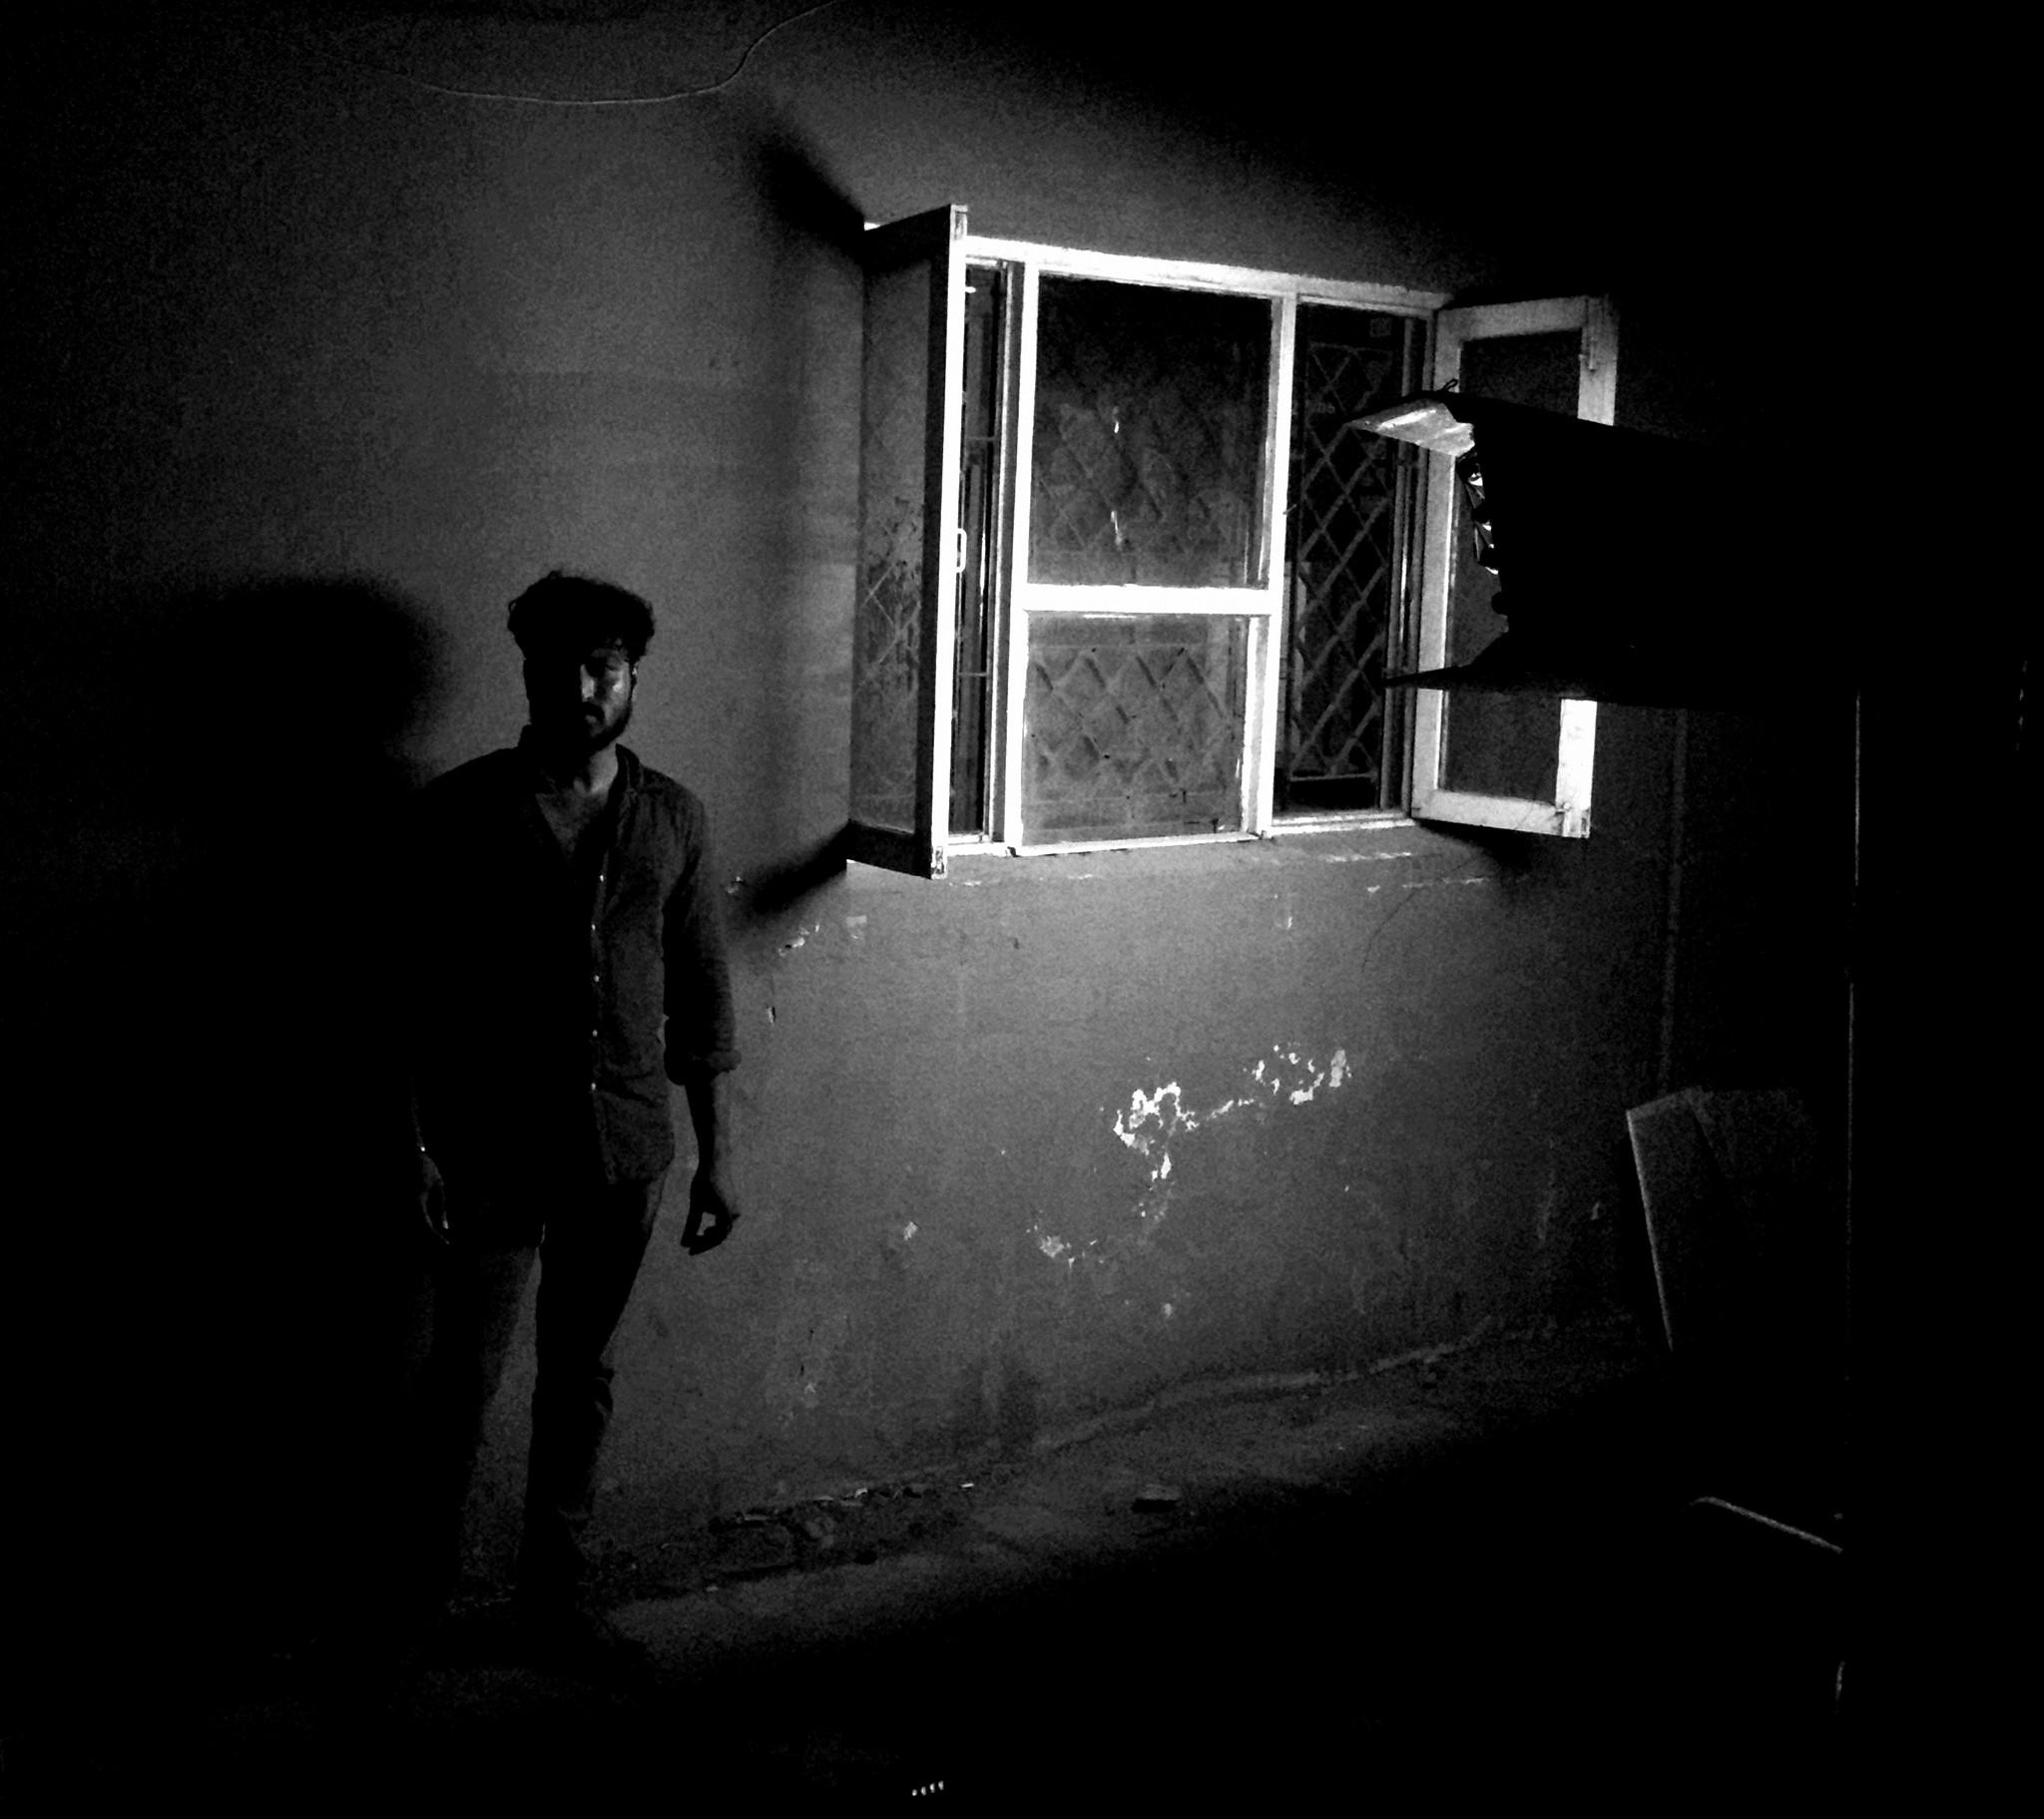 'पॉल एक गाथा' (६/८) | तस्वीर: हृषिकेश पेटवे | सौजन्य: क्यूग्राफी |